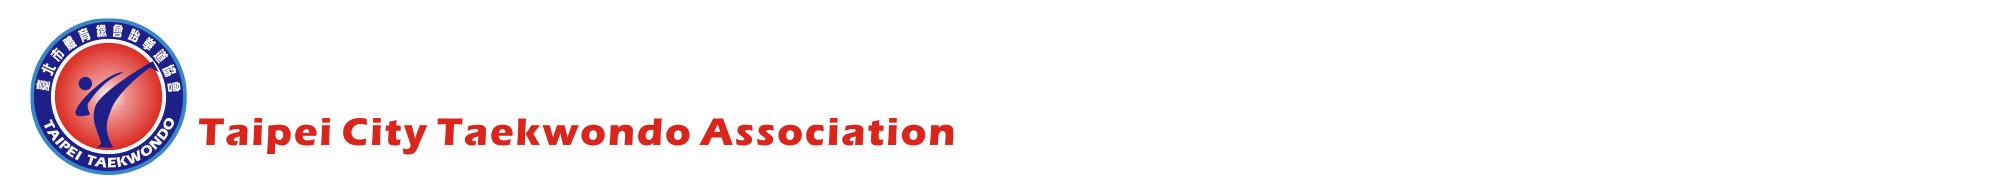 臺北市體育總會跆拳道協會